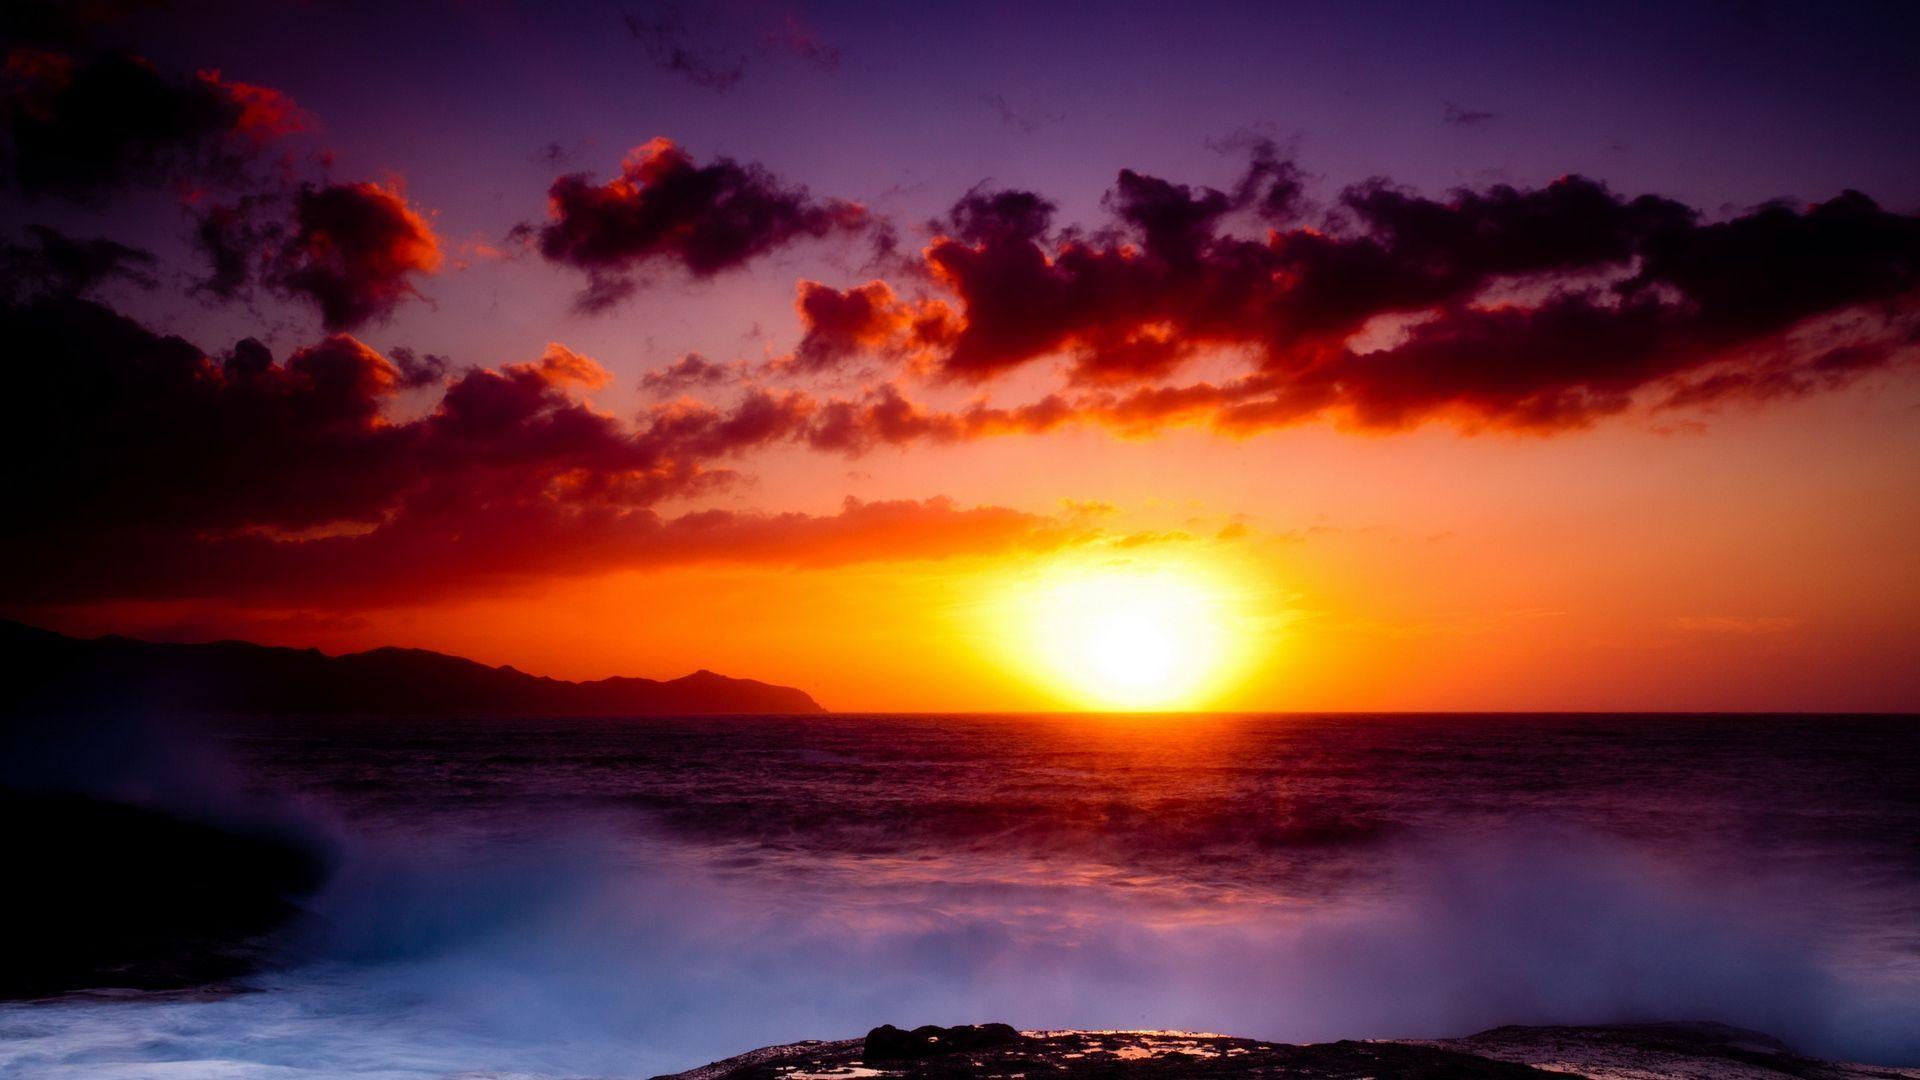 Purple Sunset On The Sea Photo